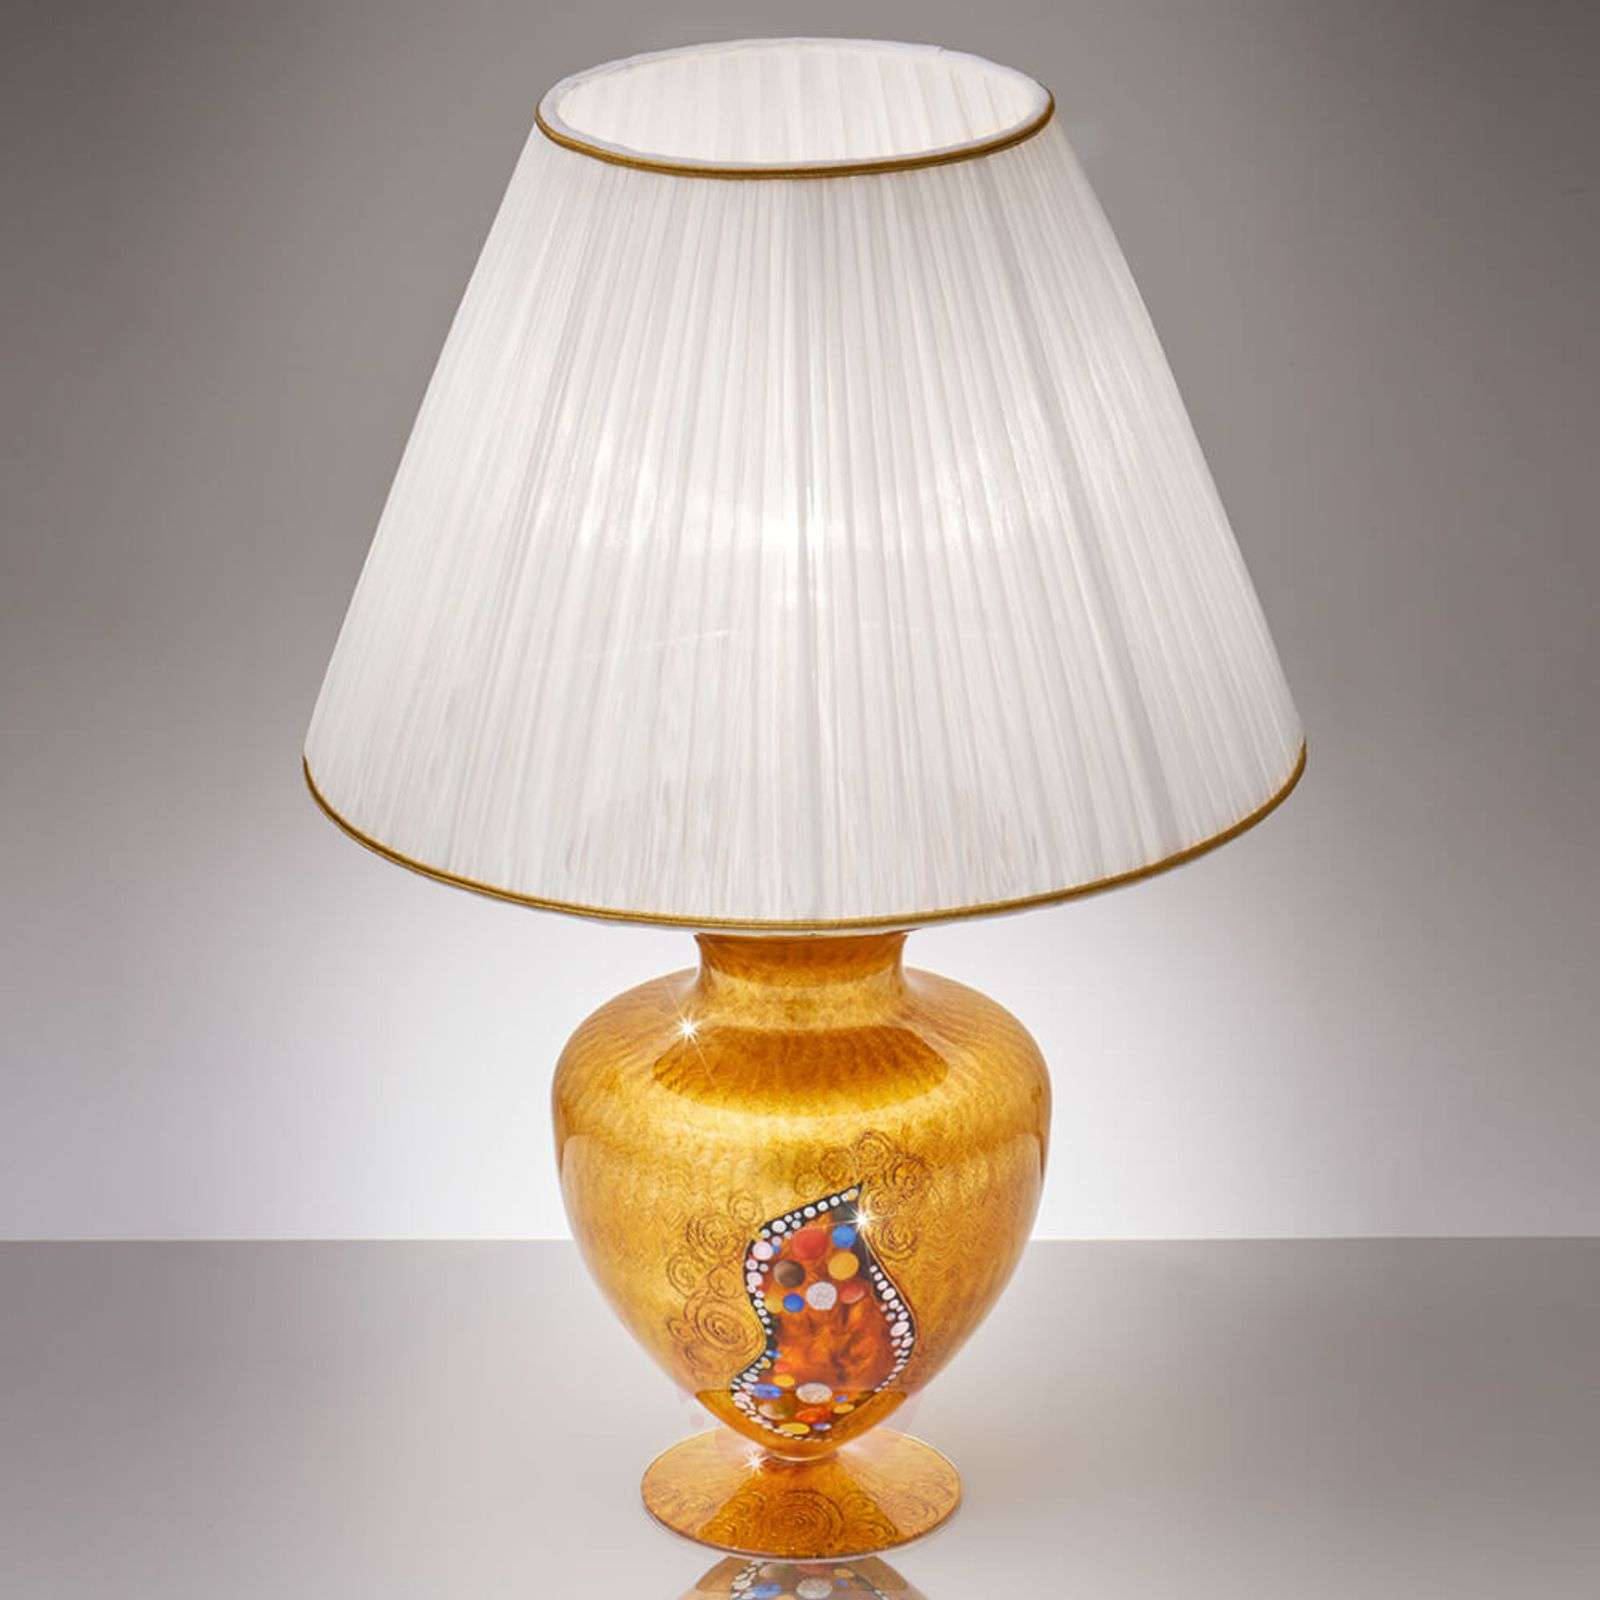 Kiss-pöytävalaisin Klimt-designilla-5560359-01